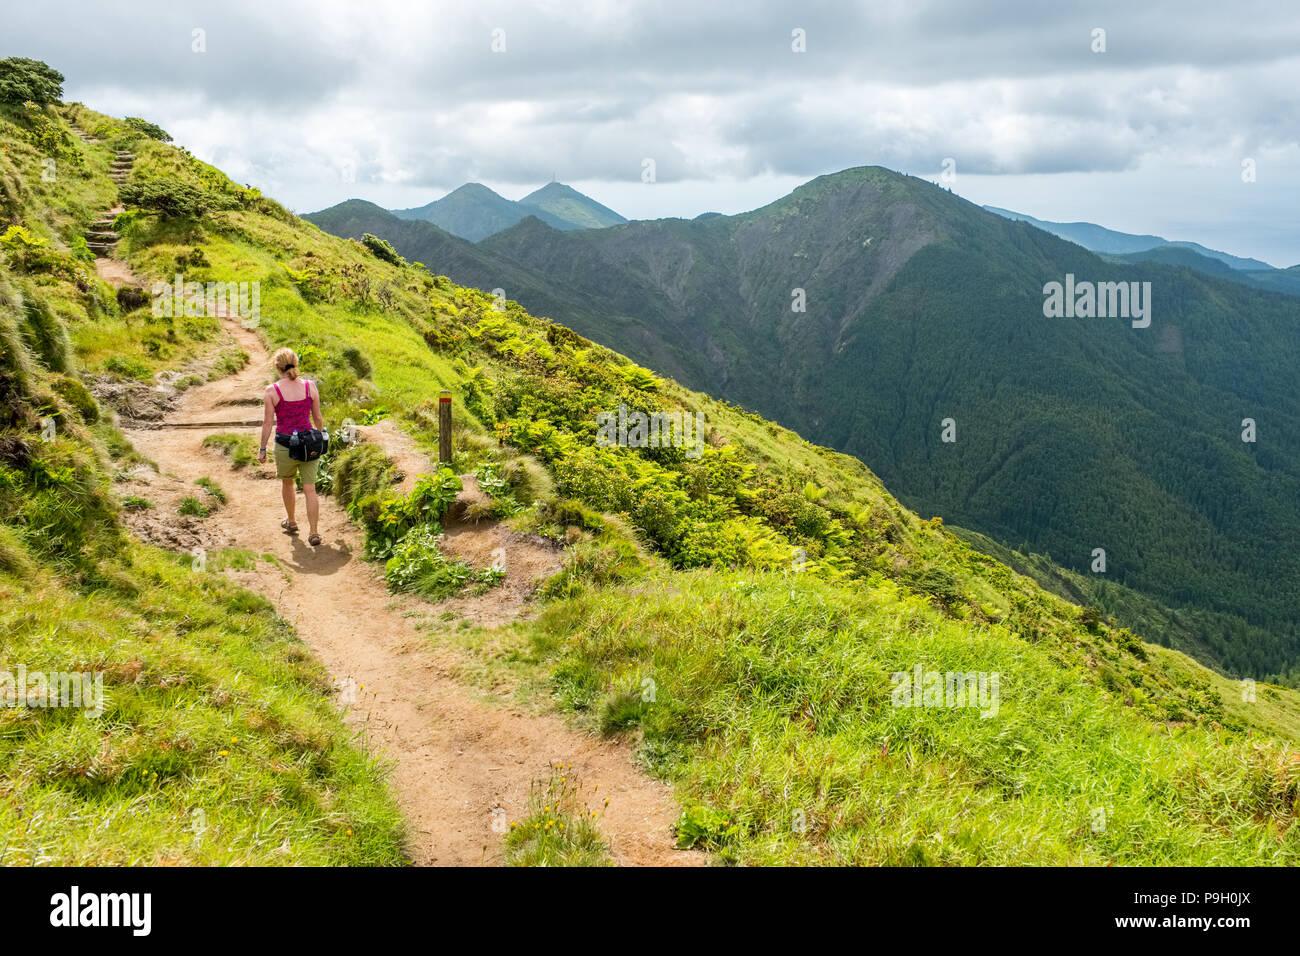 Il camminatore femmina sulle pendici del Pico da Vara, il punto più alto di Sao Miguel, Azzorre Foto Stock